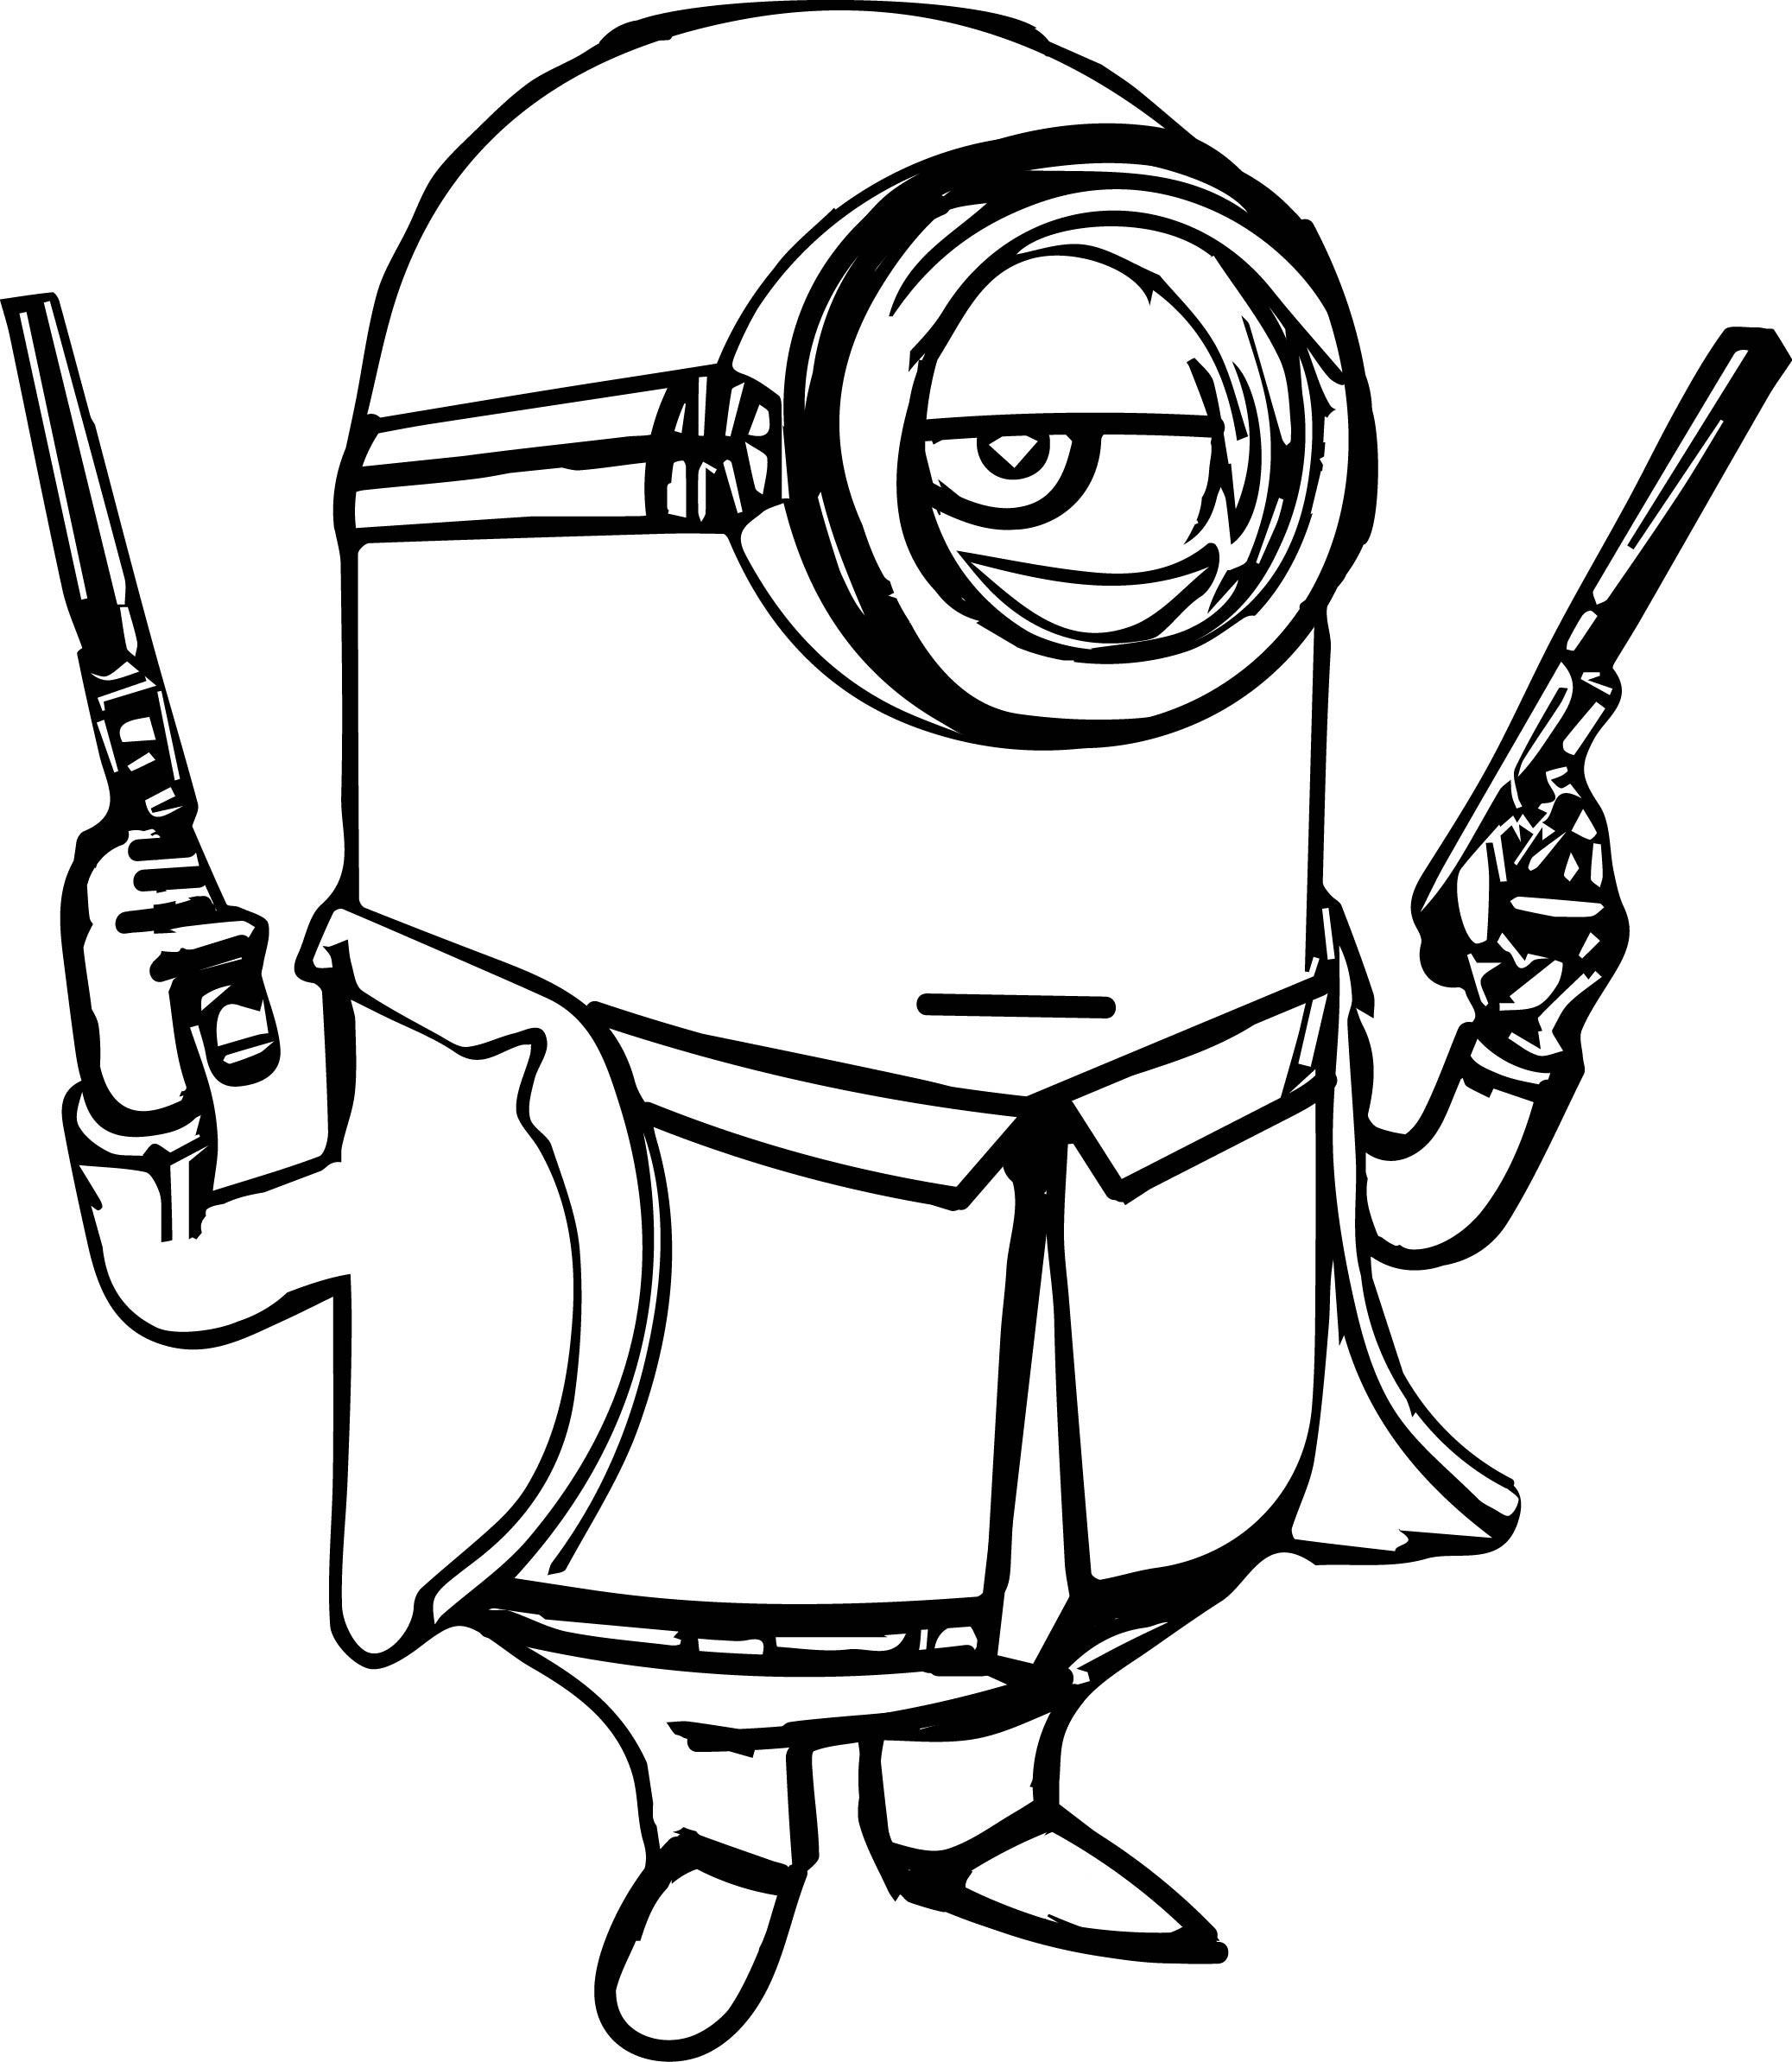 Gun In Hand Drawing At Getdrawings